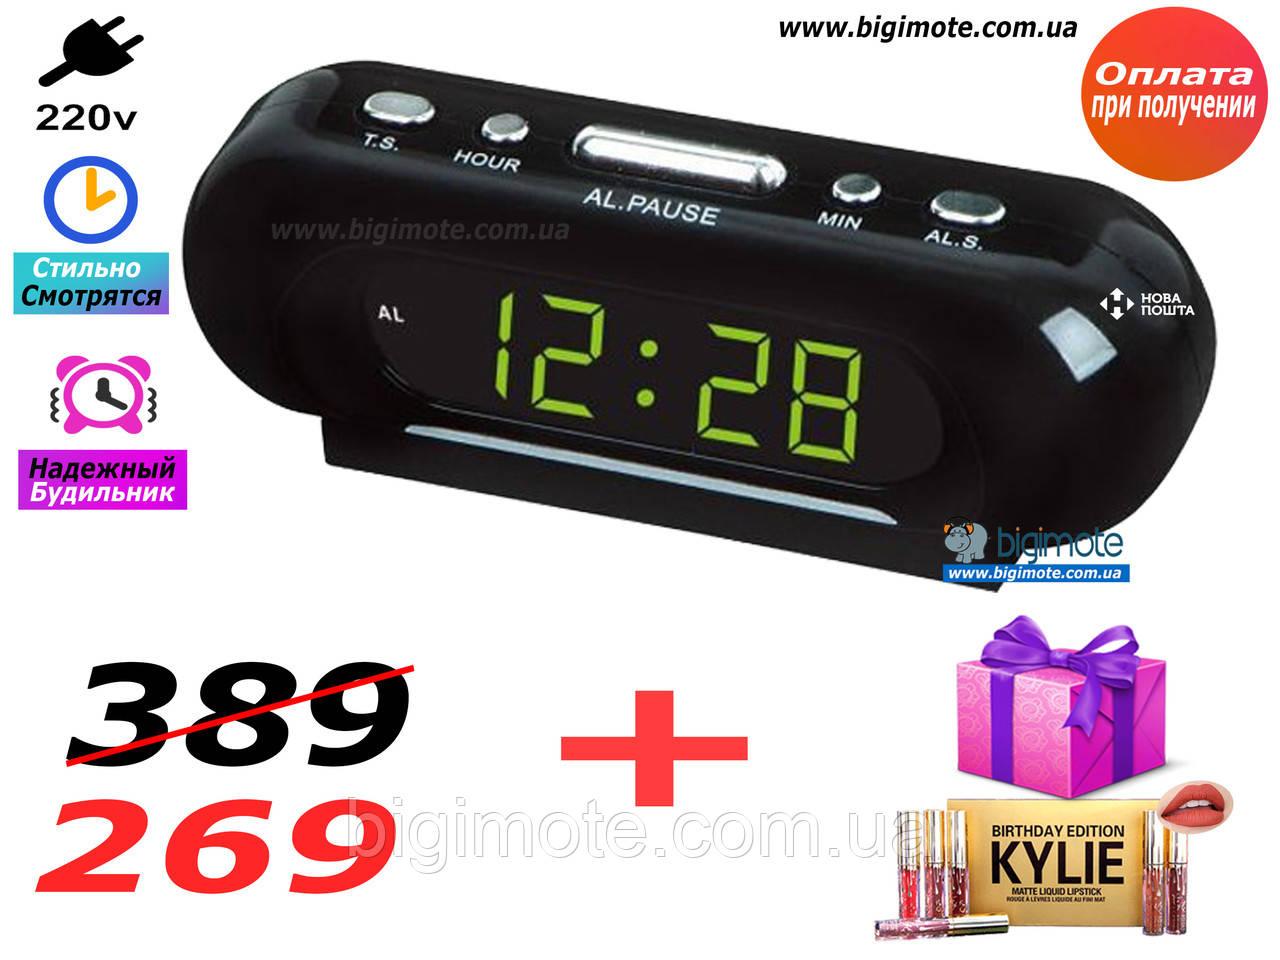 Электронные часы,настольные часы,часы настольные,часы электронные, с подсветкой, vst716s